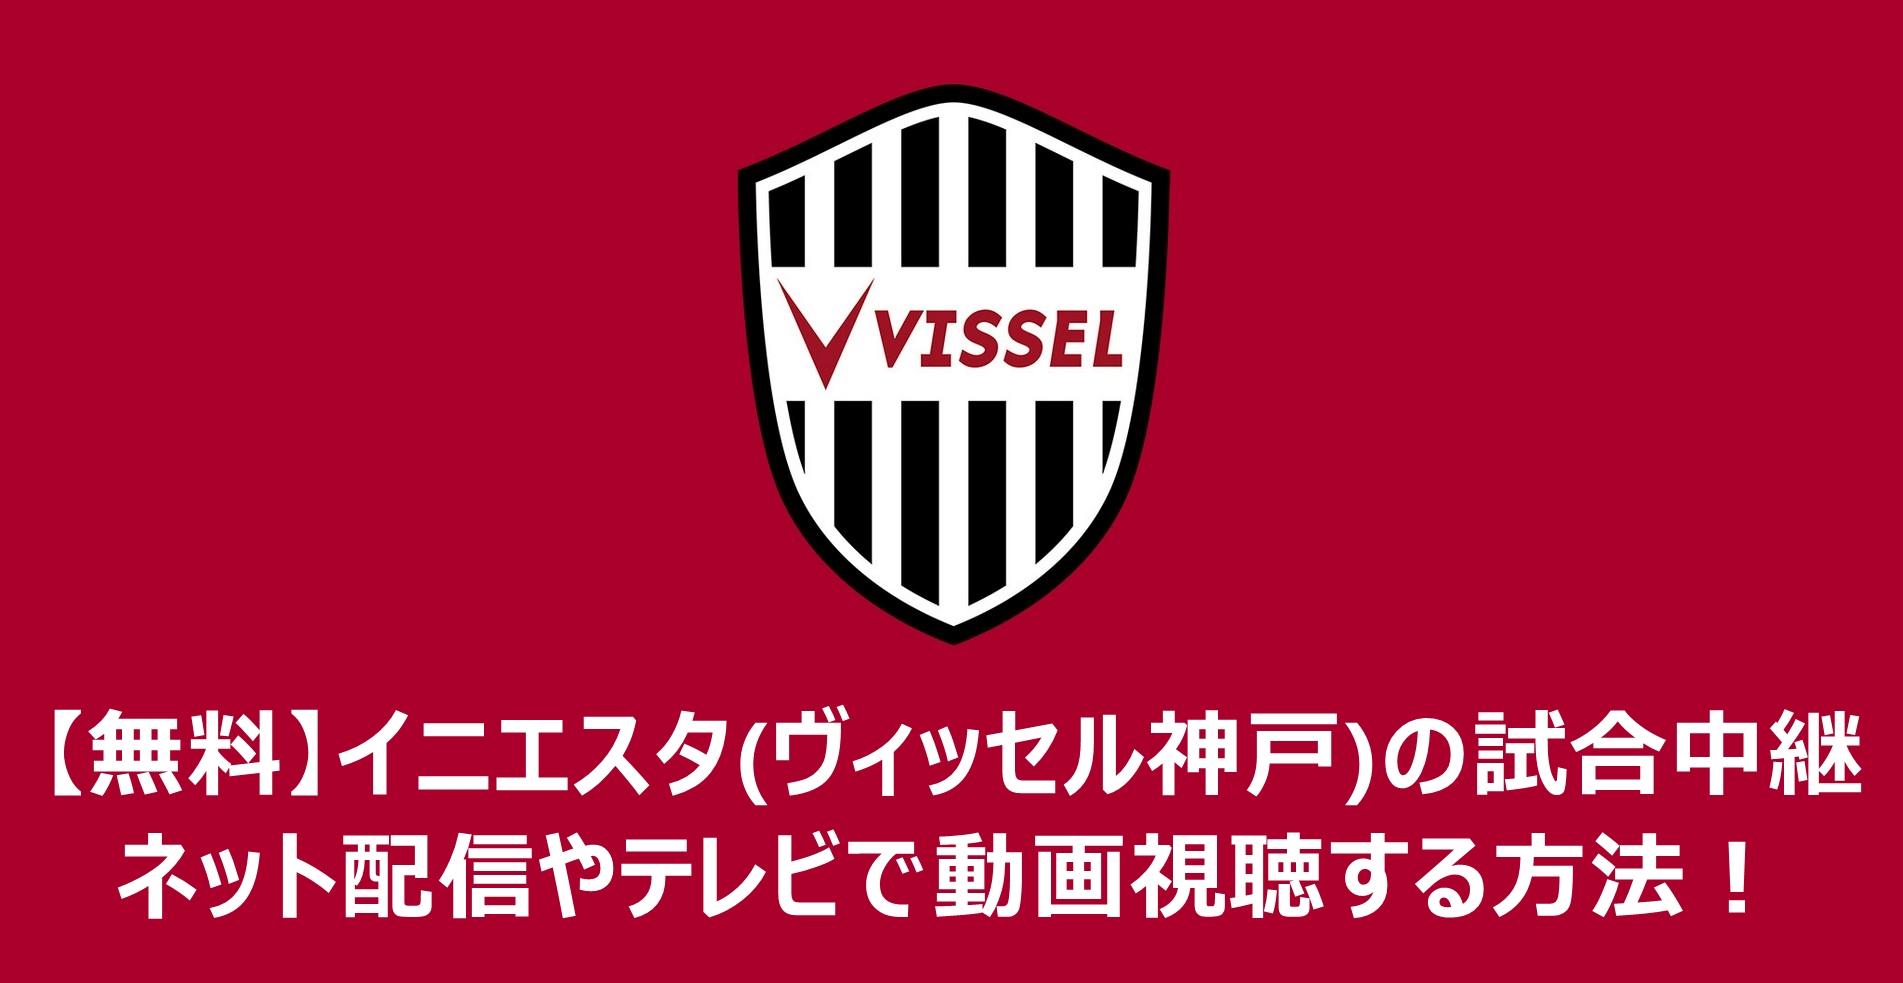 【無料】サッカーヴィッセル神戸をネット中継とテレビ放送で視聴する方法!